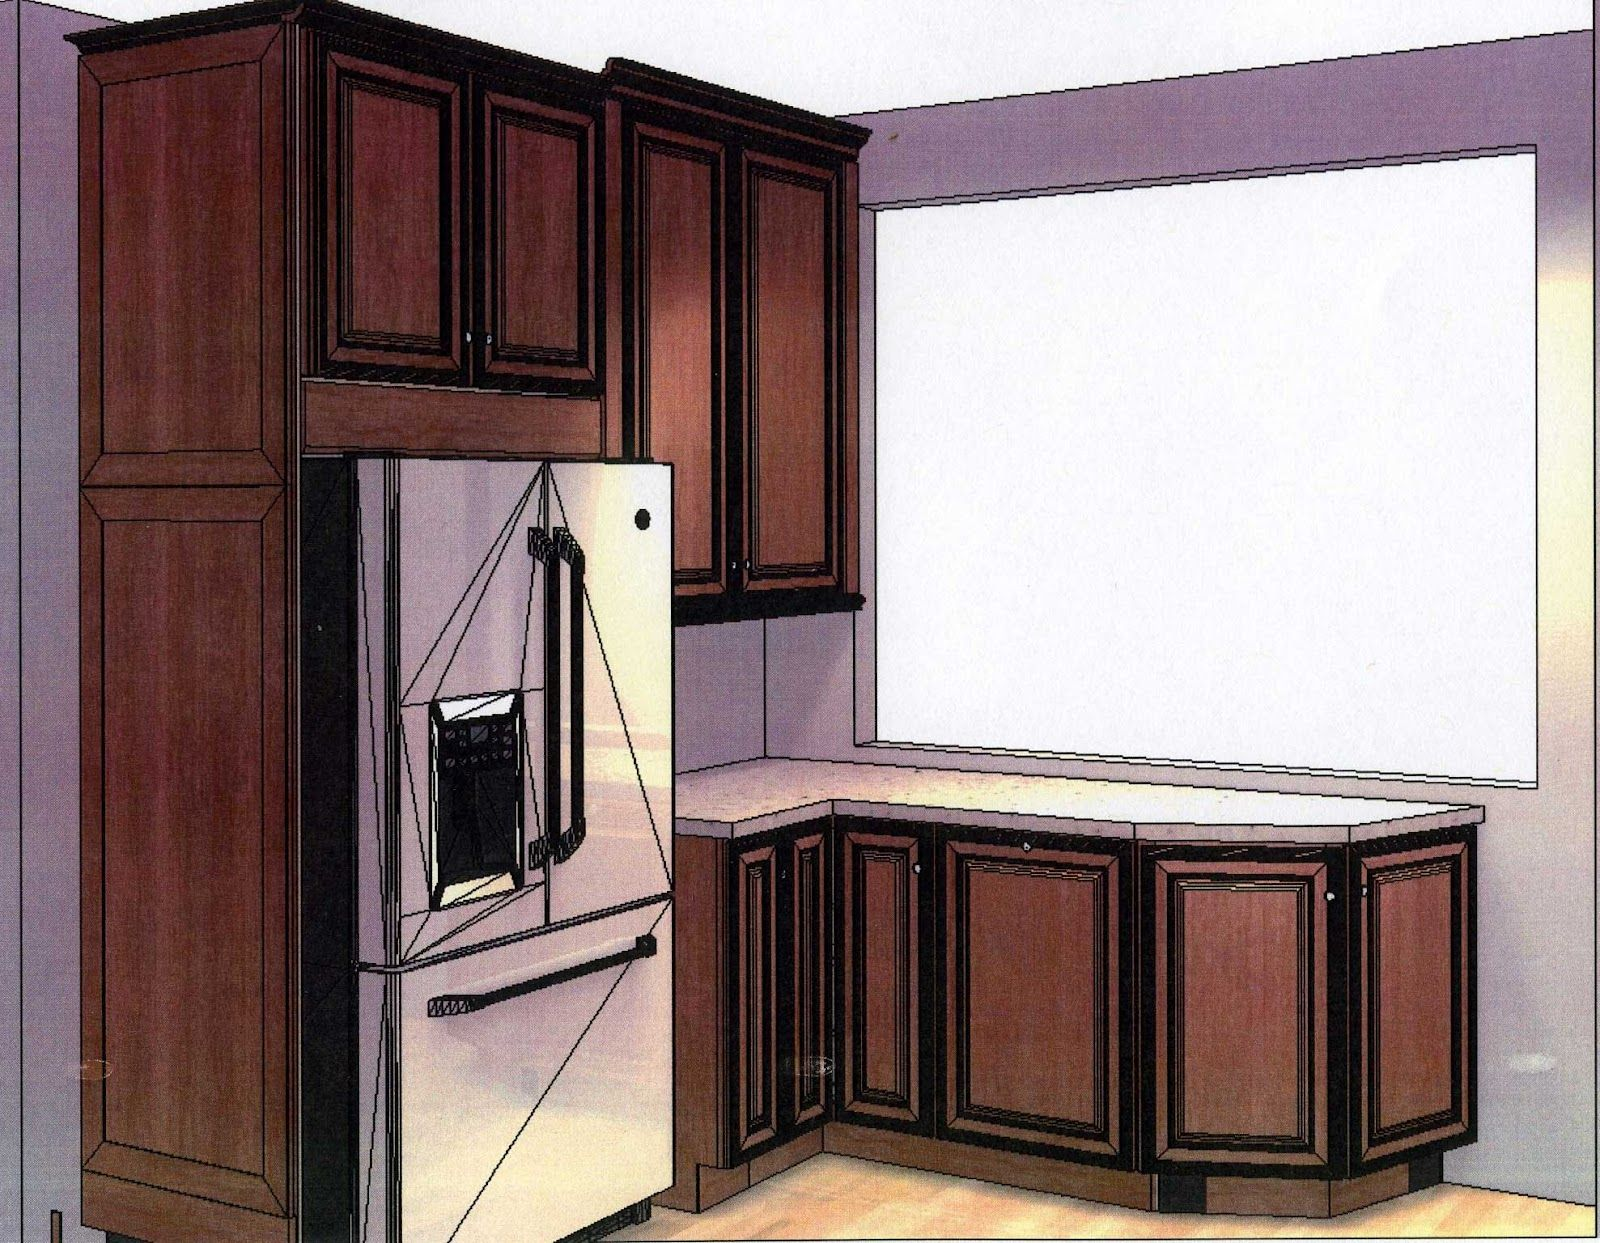 Viertel runde küchenschränke benutzerdefinierte küche schränke küche schränke grosshandel